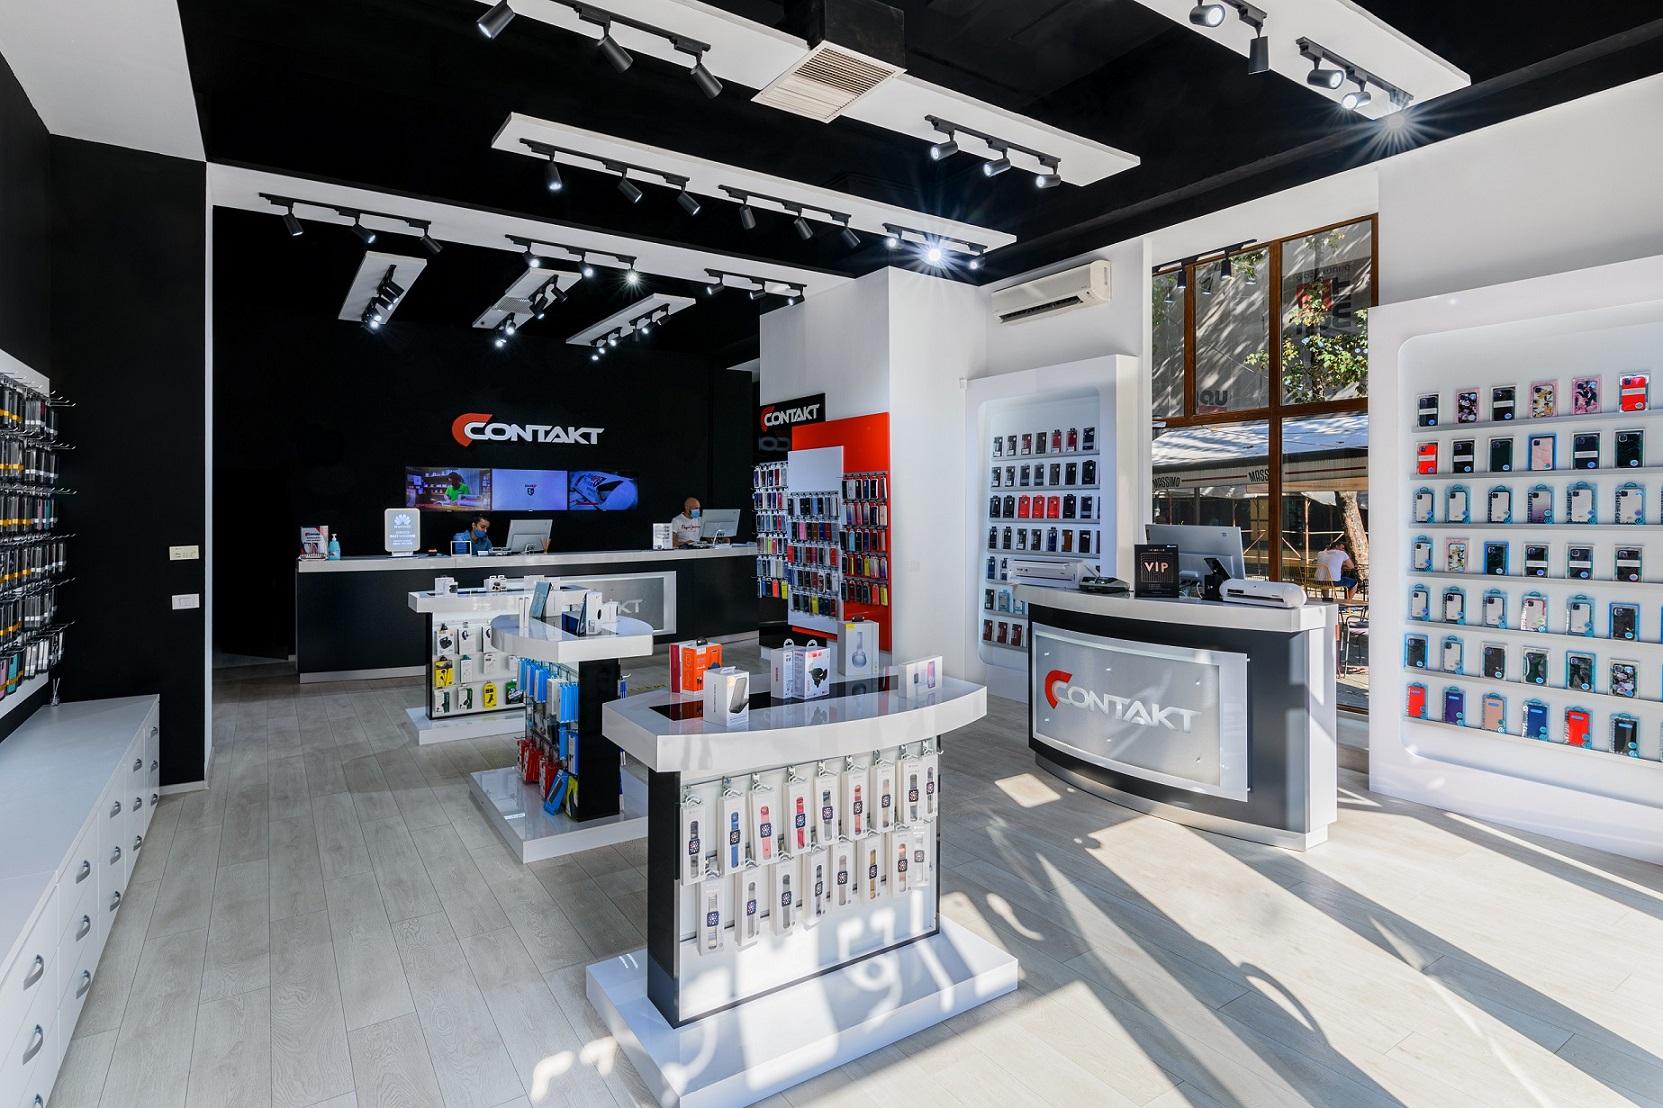 Retailerul Contakt a deschis 18 unități noi în 2020, depășind pragul de 200 de locații active în toată țara